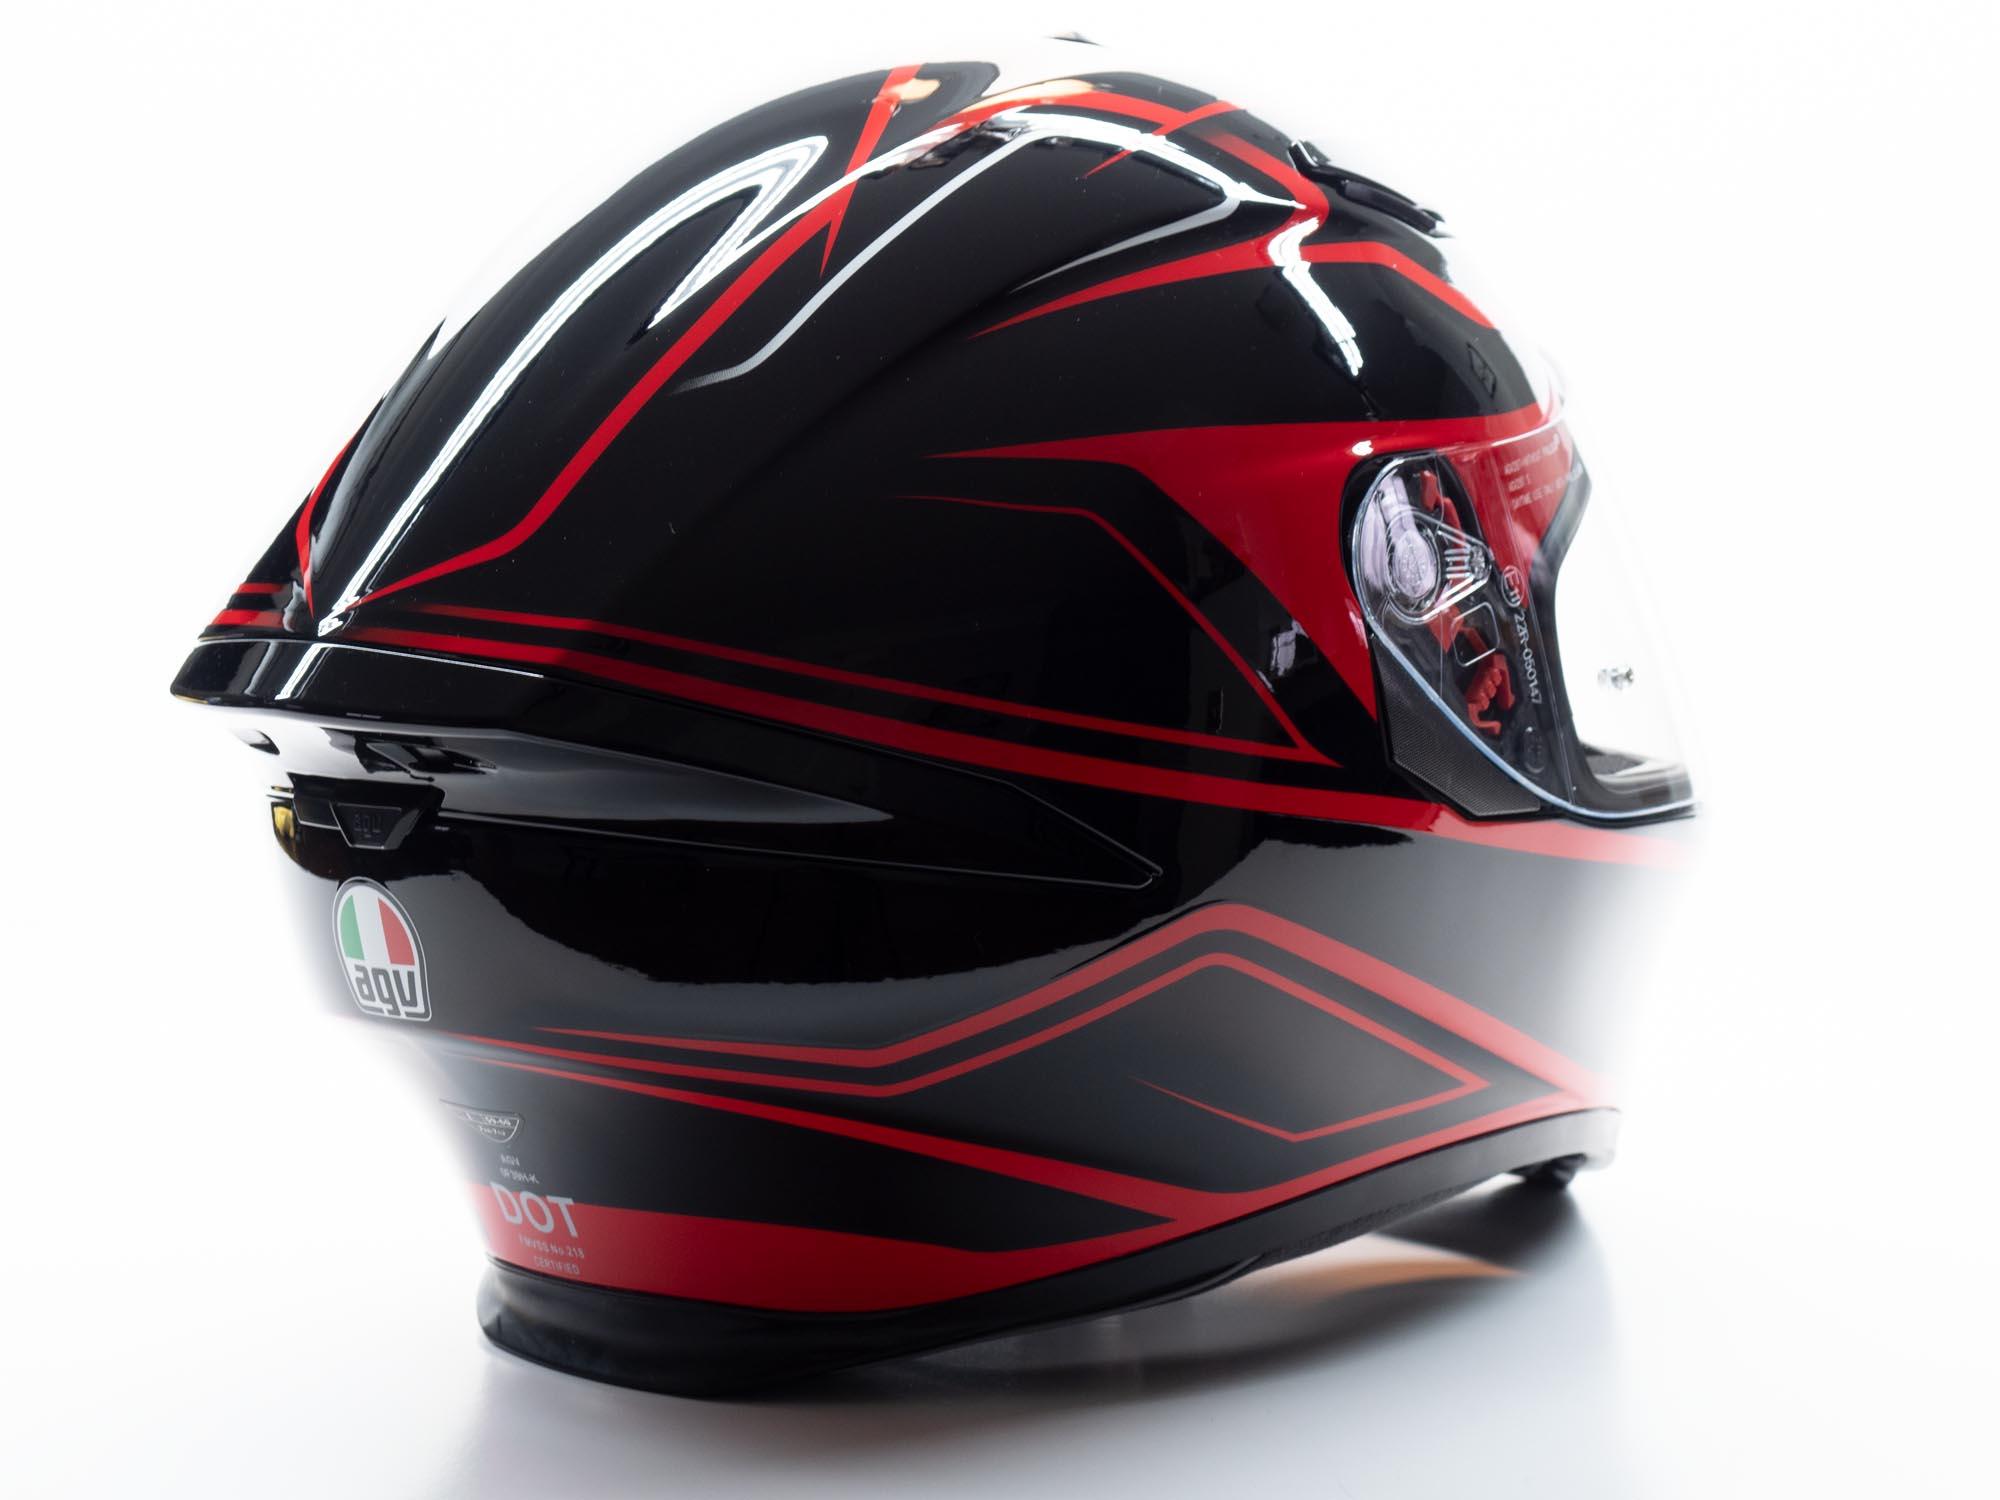 Agv K5 S Helmet Hands On Review